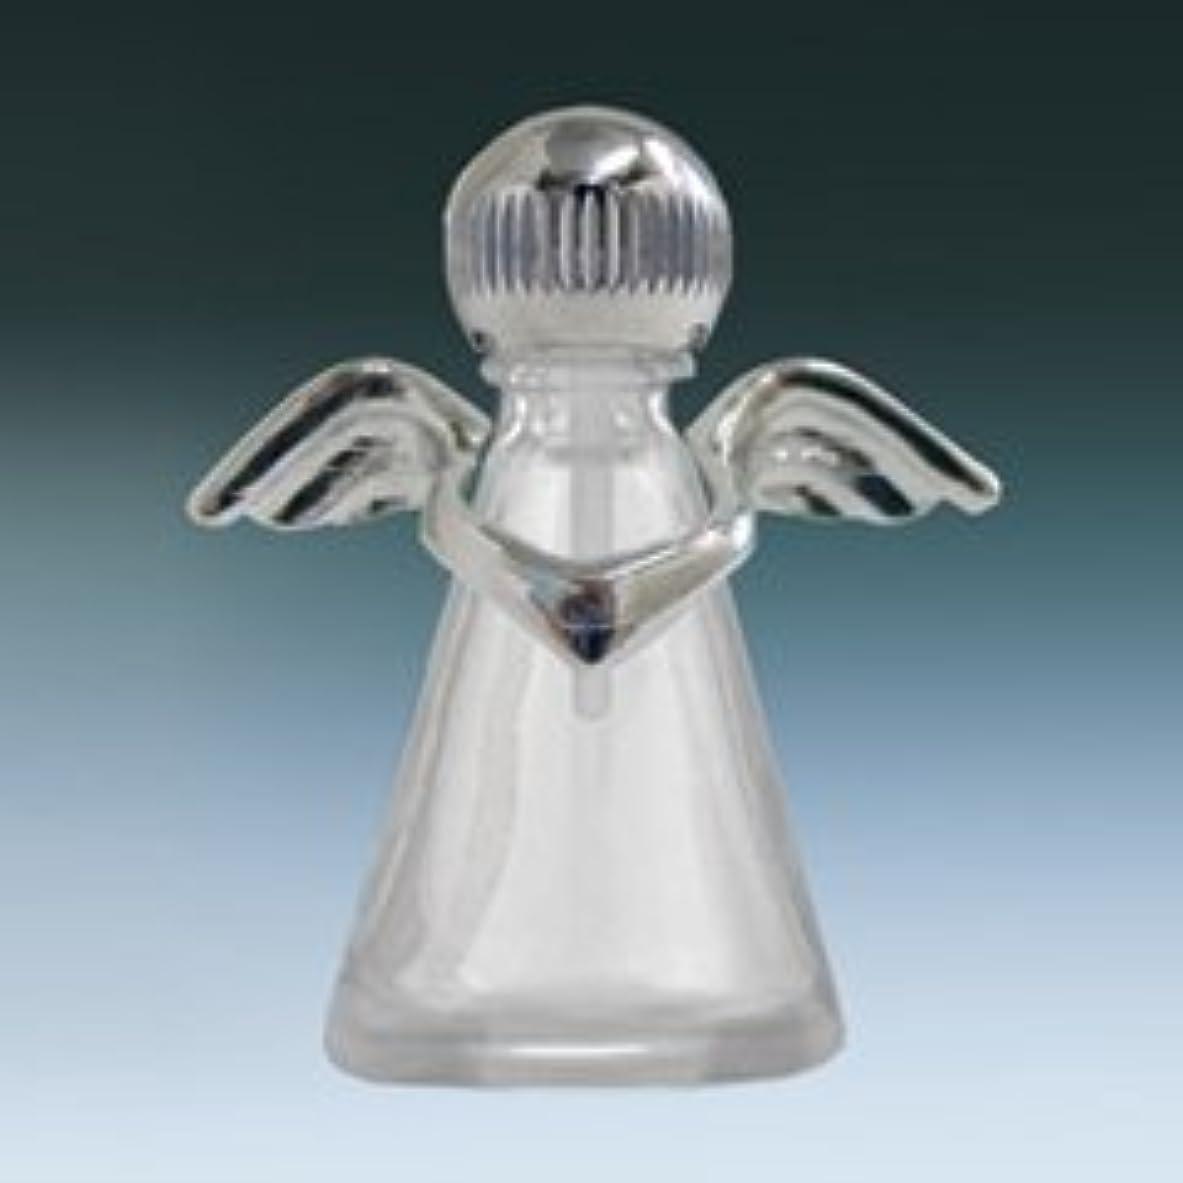 【ヤマダアトマイザー】パフュームボトル 小ビン 10675 天使 クリア シルバー 約2.5ml